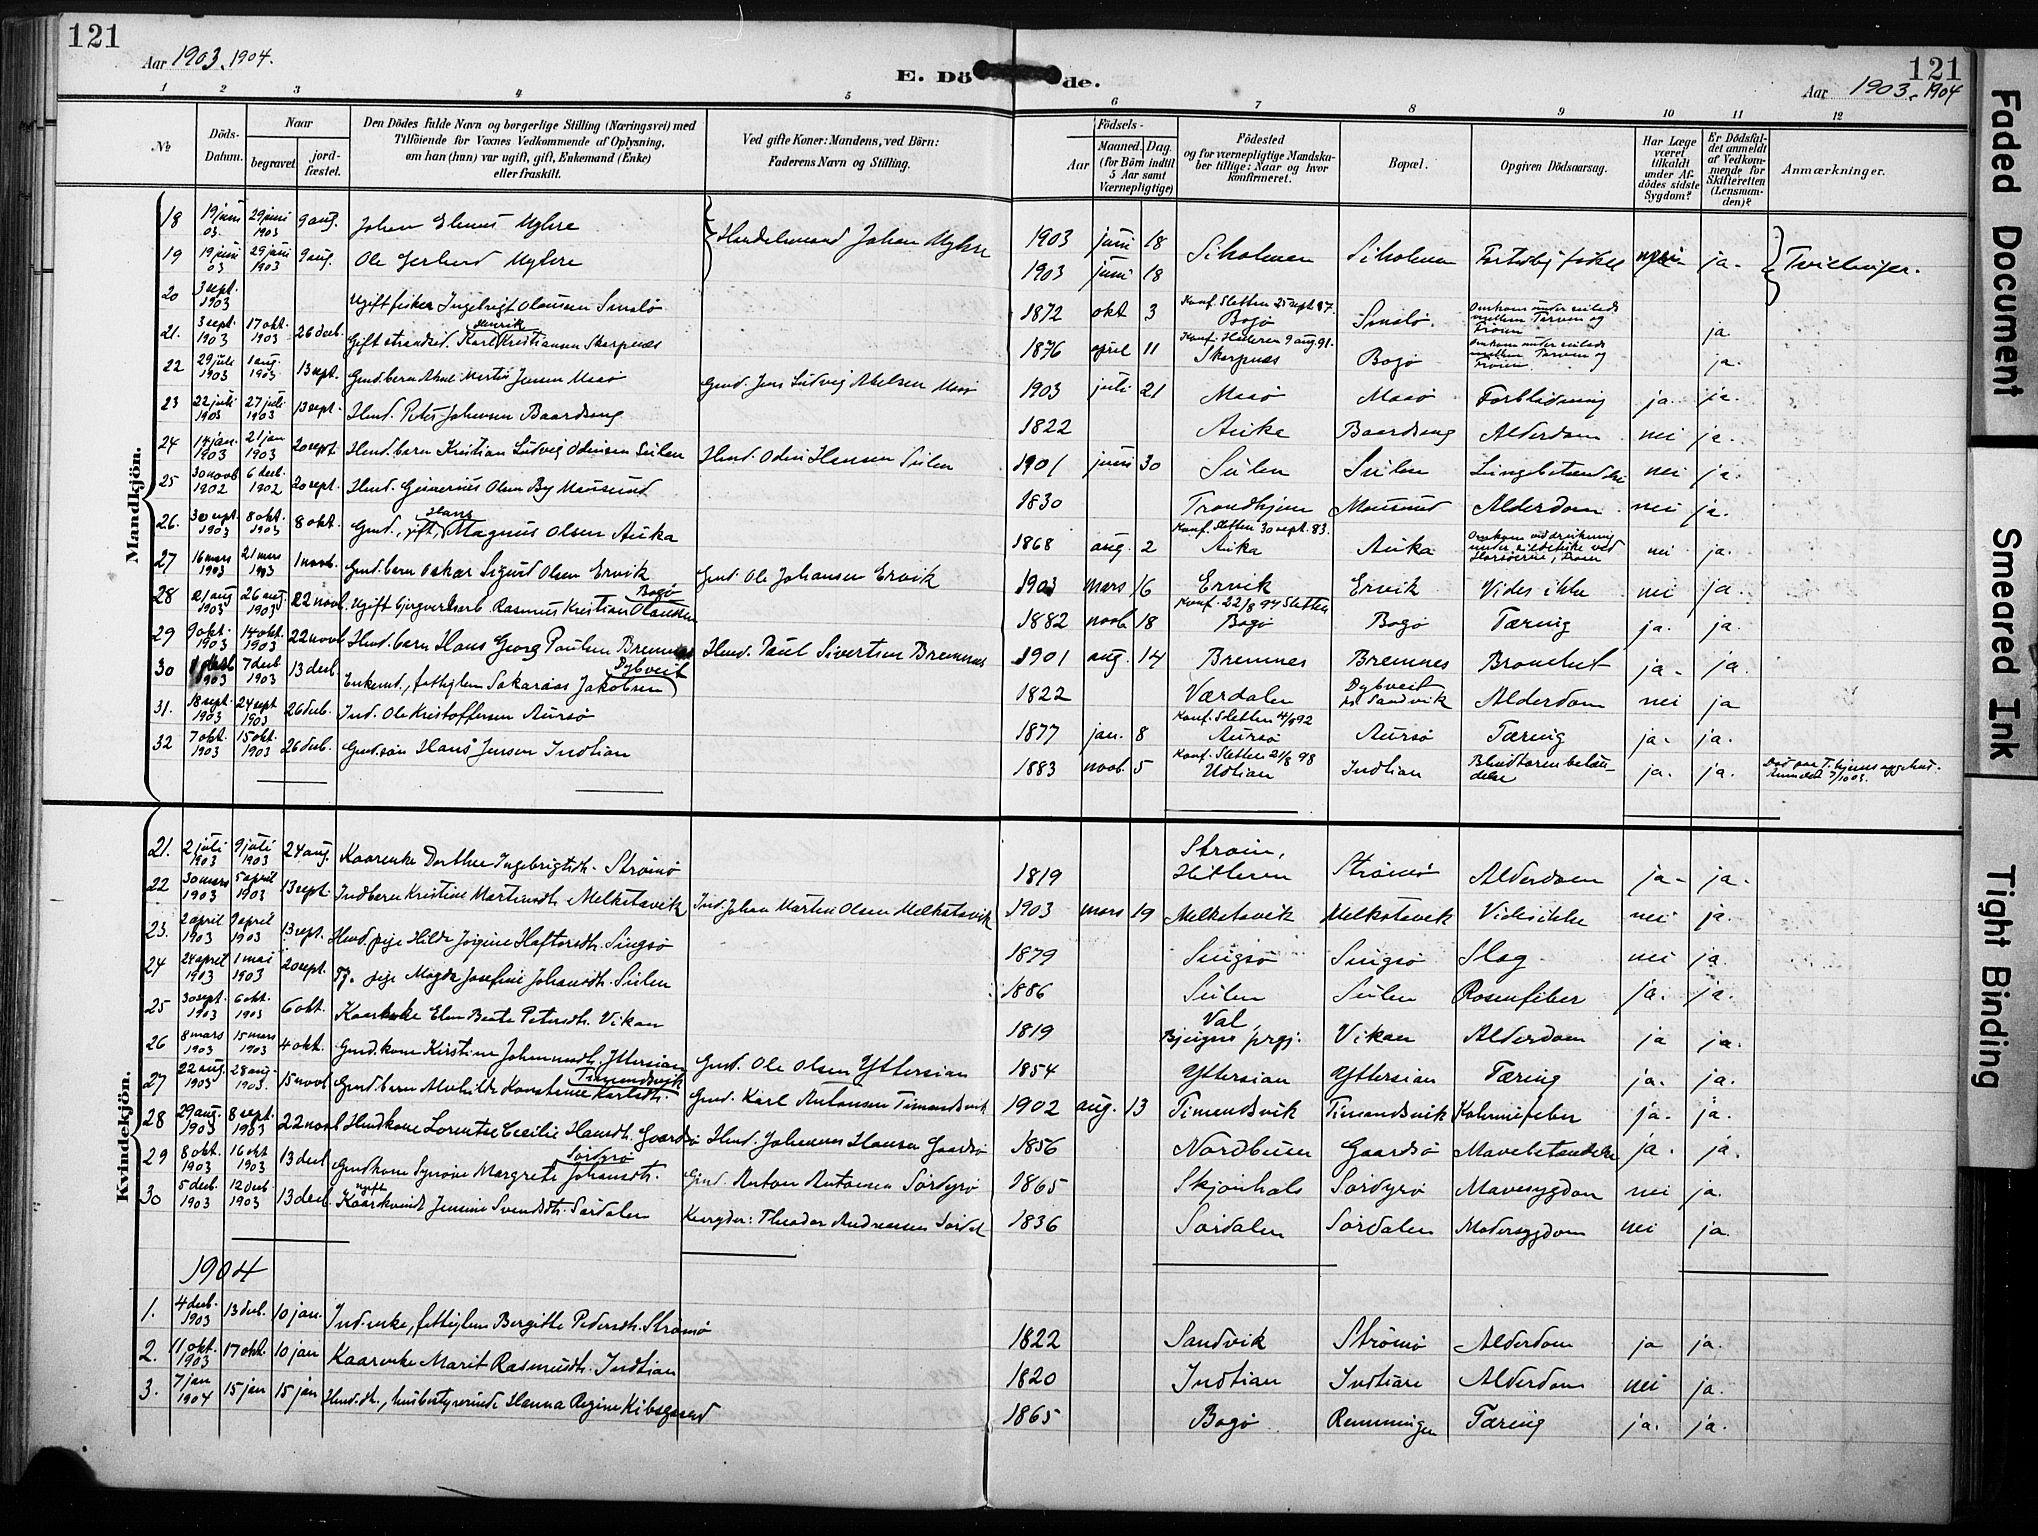 SAT, Ministerialprotokoller, klokkerbøker og fødselsregistre - Sør-Trøndelag, 640/L0580: Ministerialbok nr. 640A05, 1902-1910, s. 121